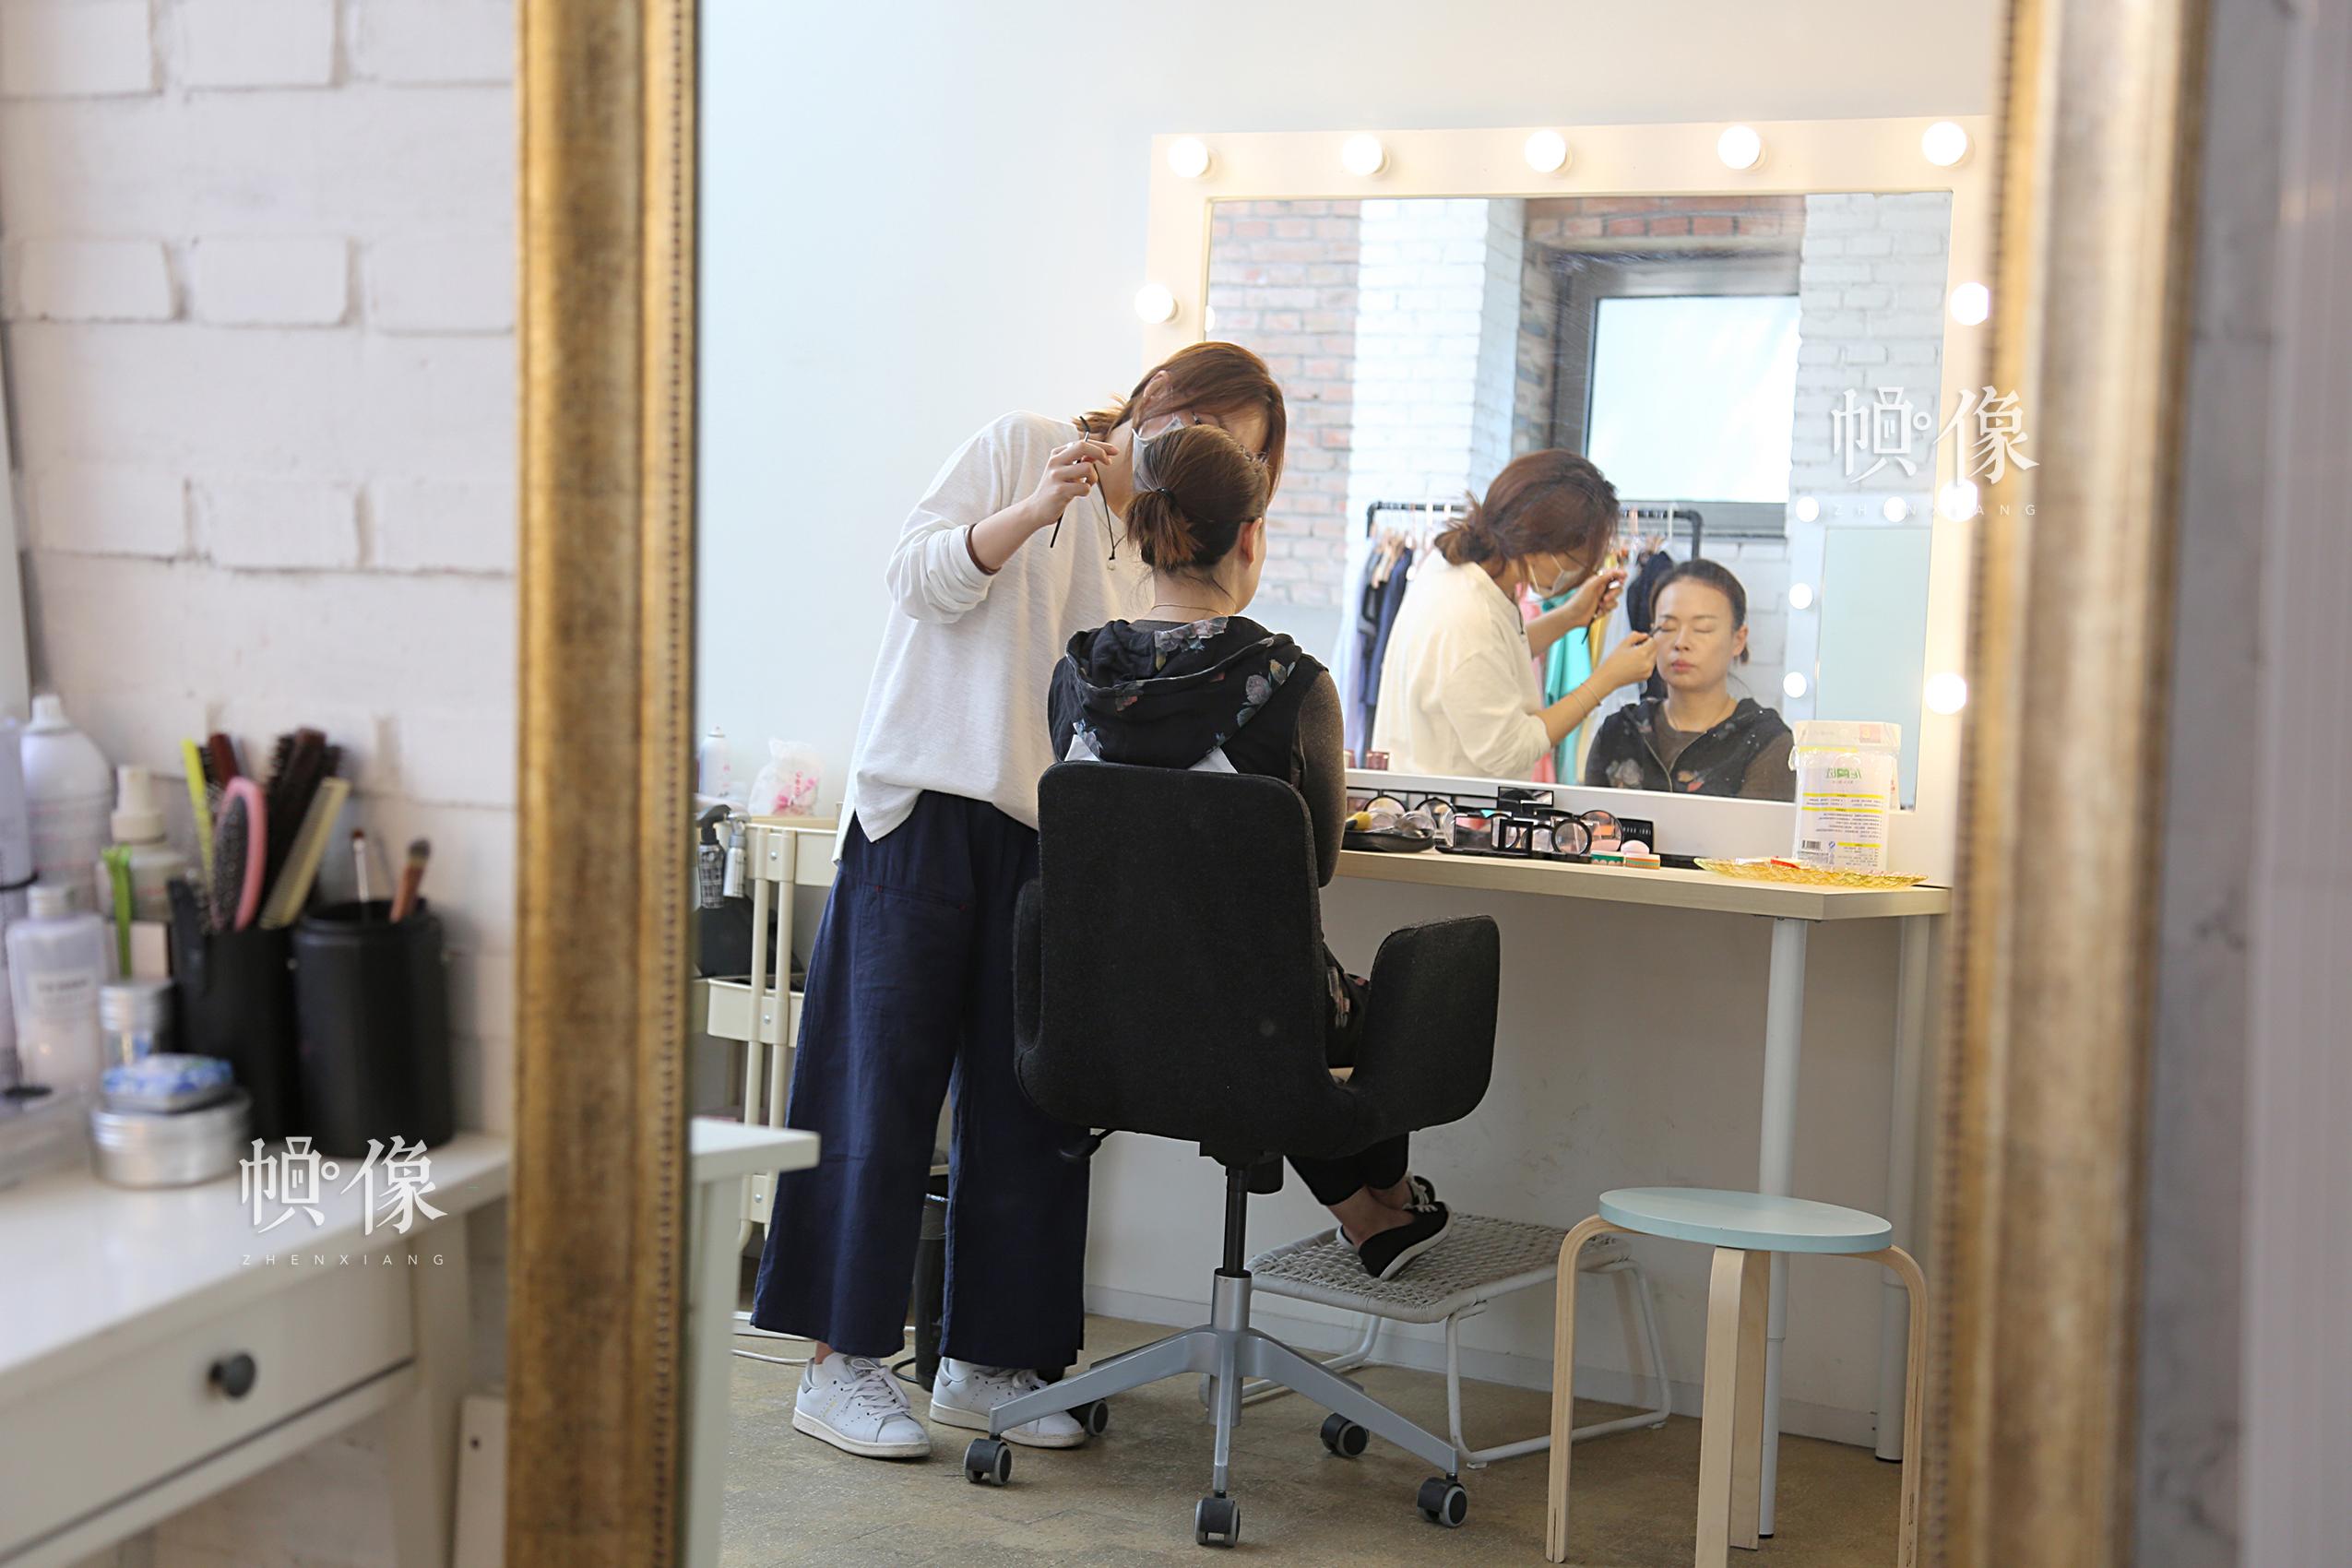 平日都是为别人化妆的李春晓,现在也成了别人化妆的对象。中国网记者黄富友 摄